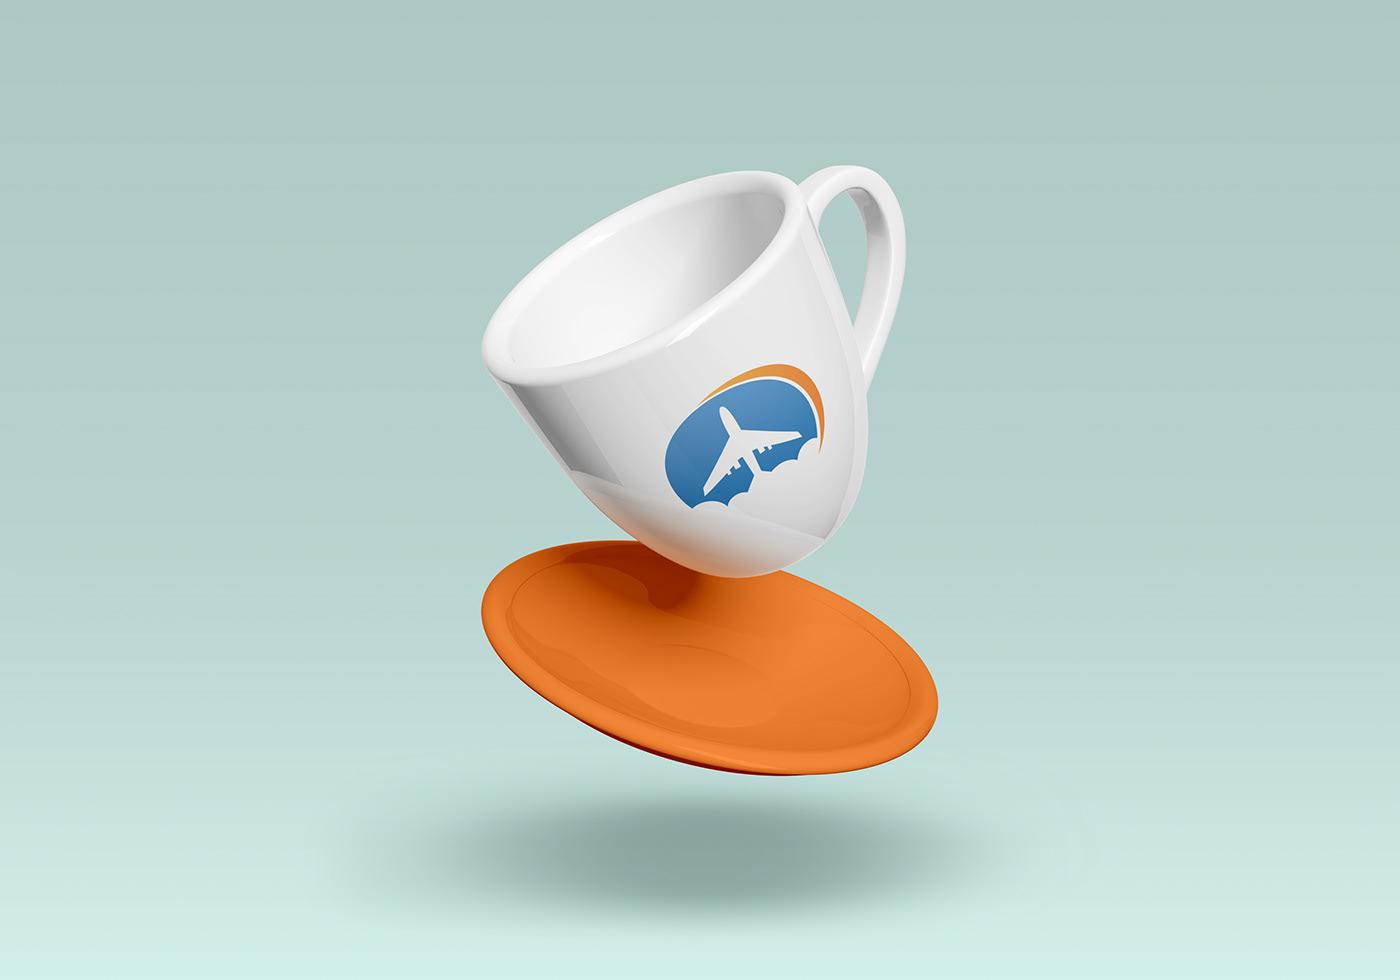 Image may contain: mug, saucer and bowl